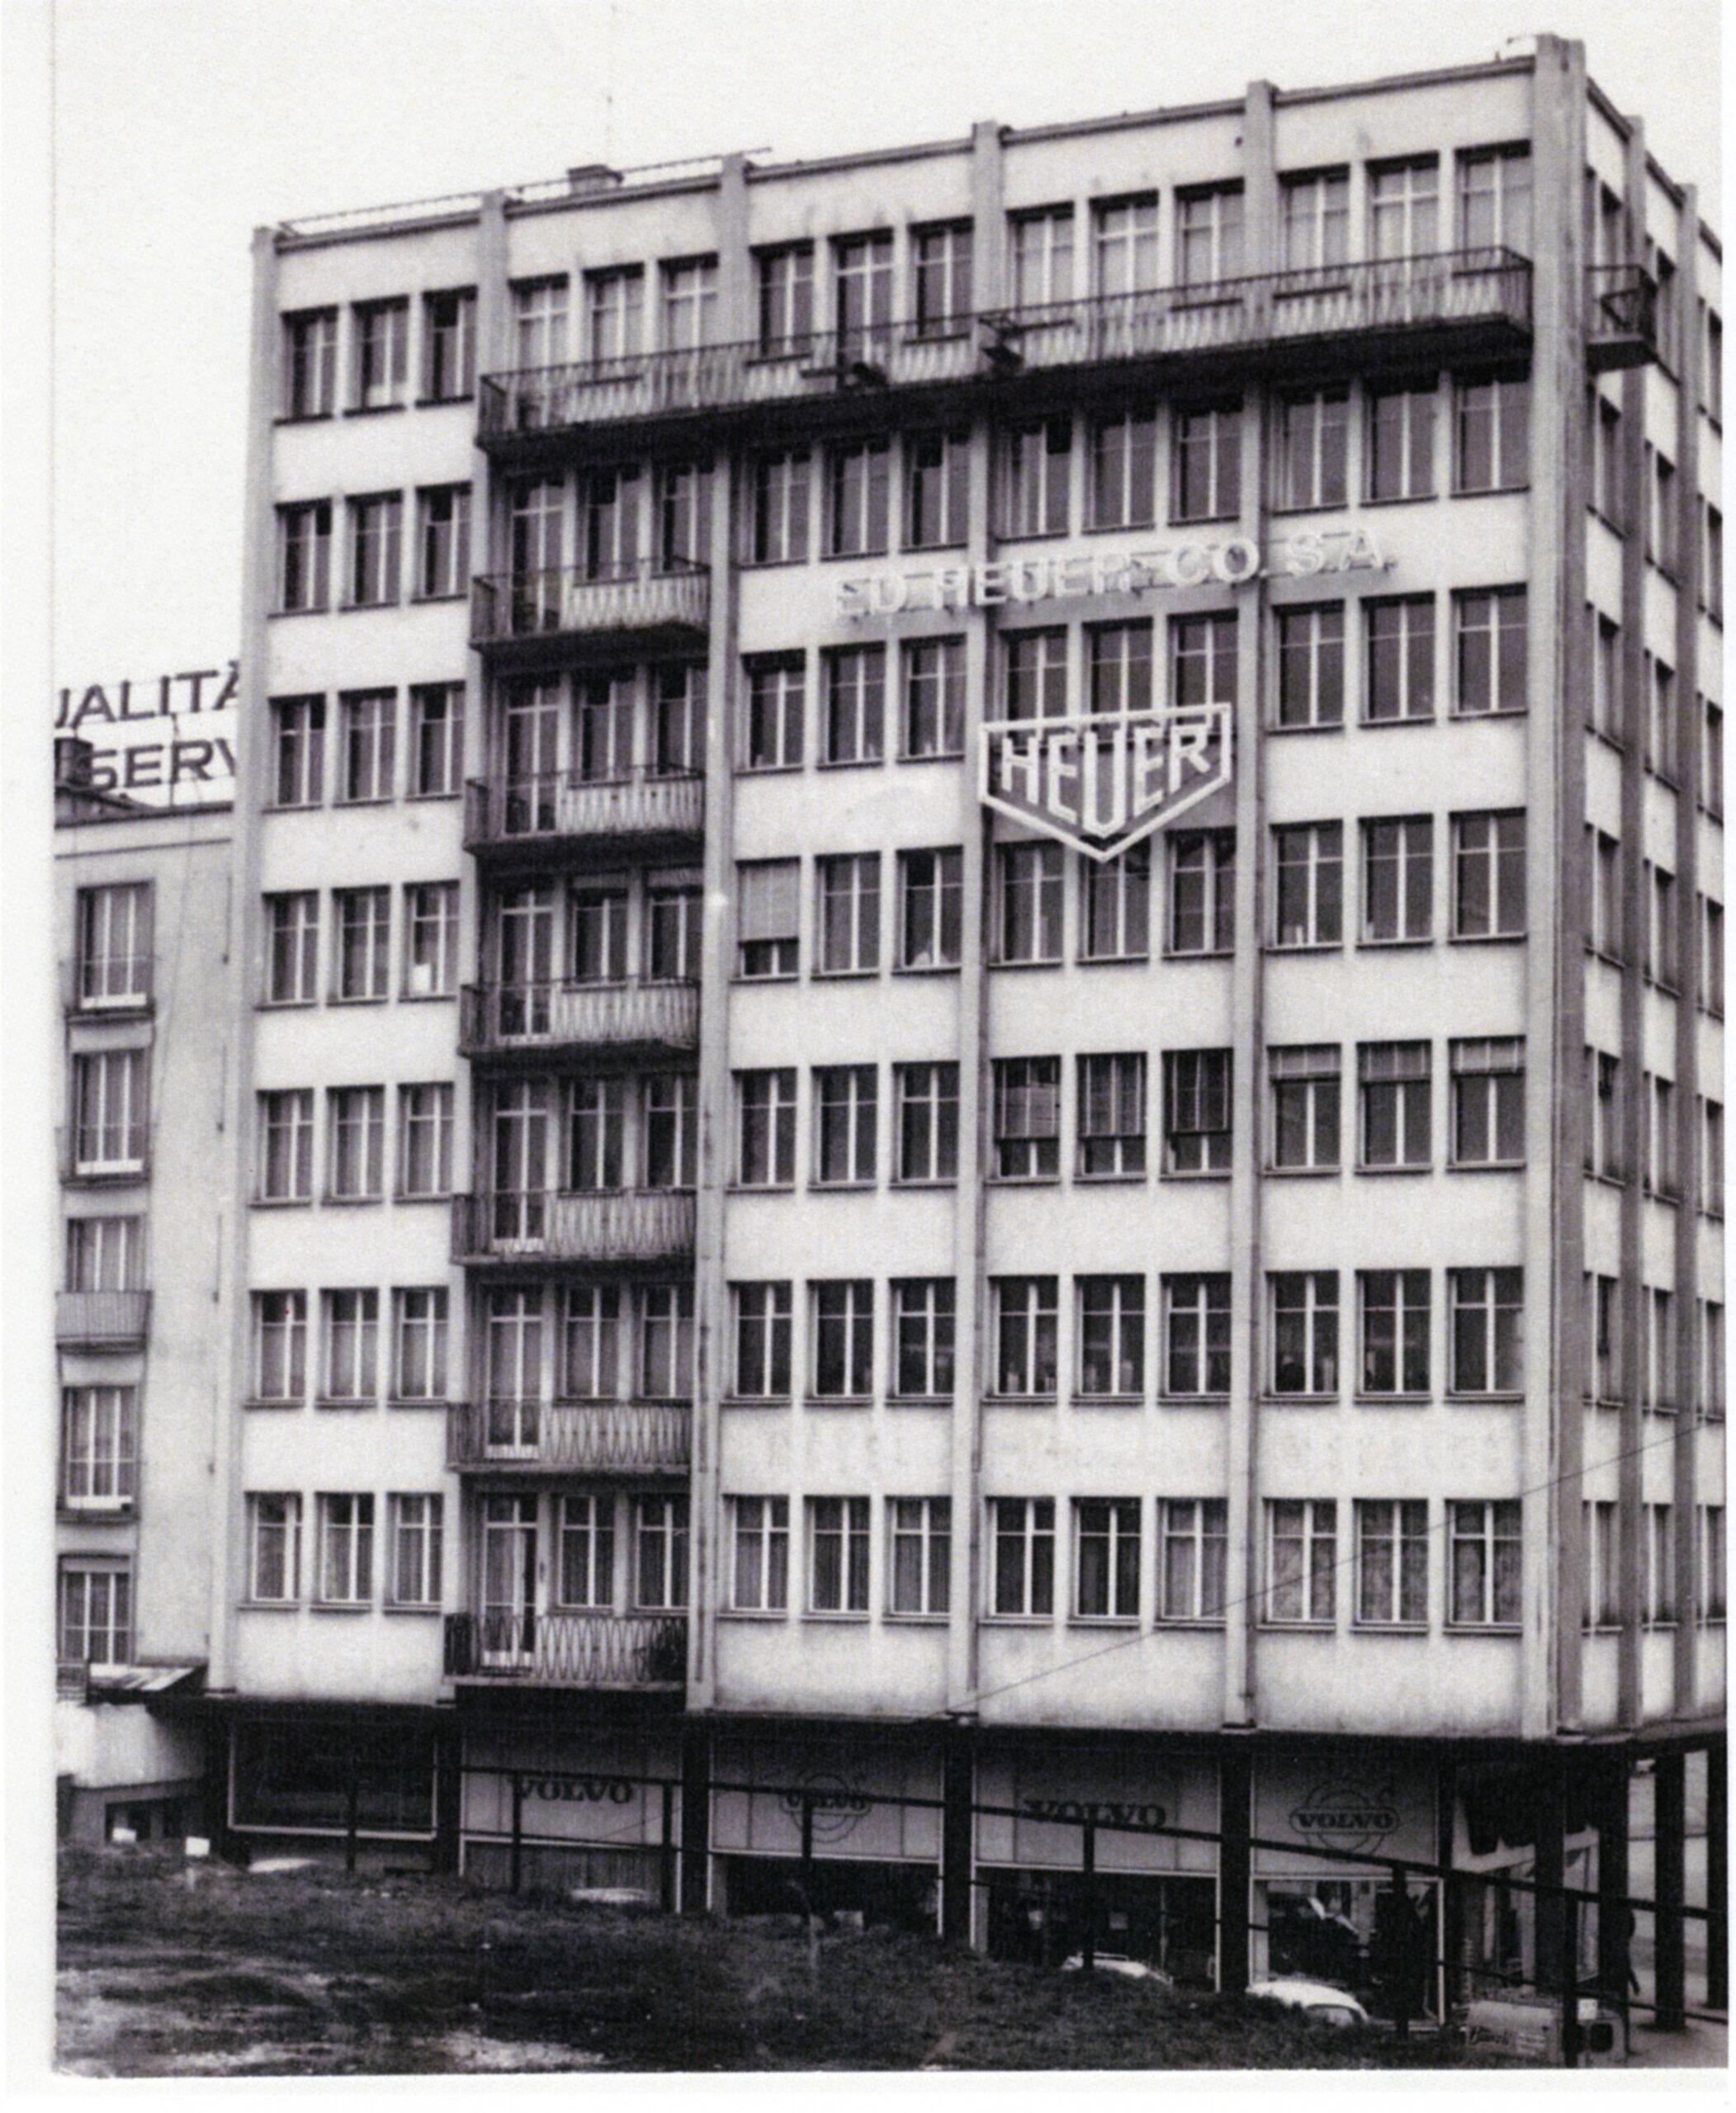 The Heuer building in Biel / Switzerland in the 1960s